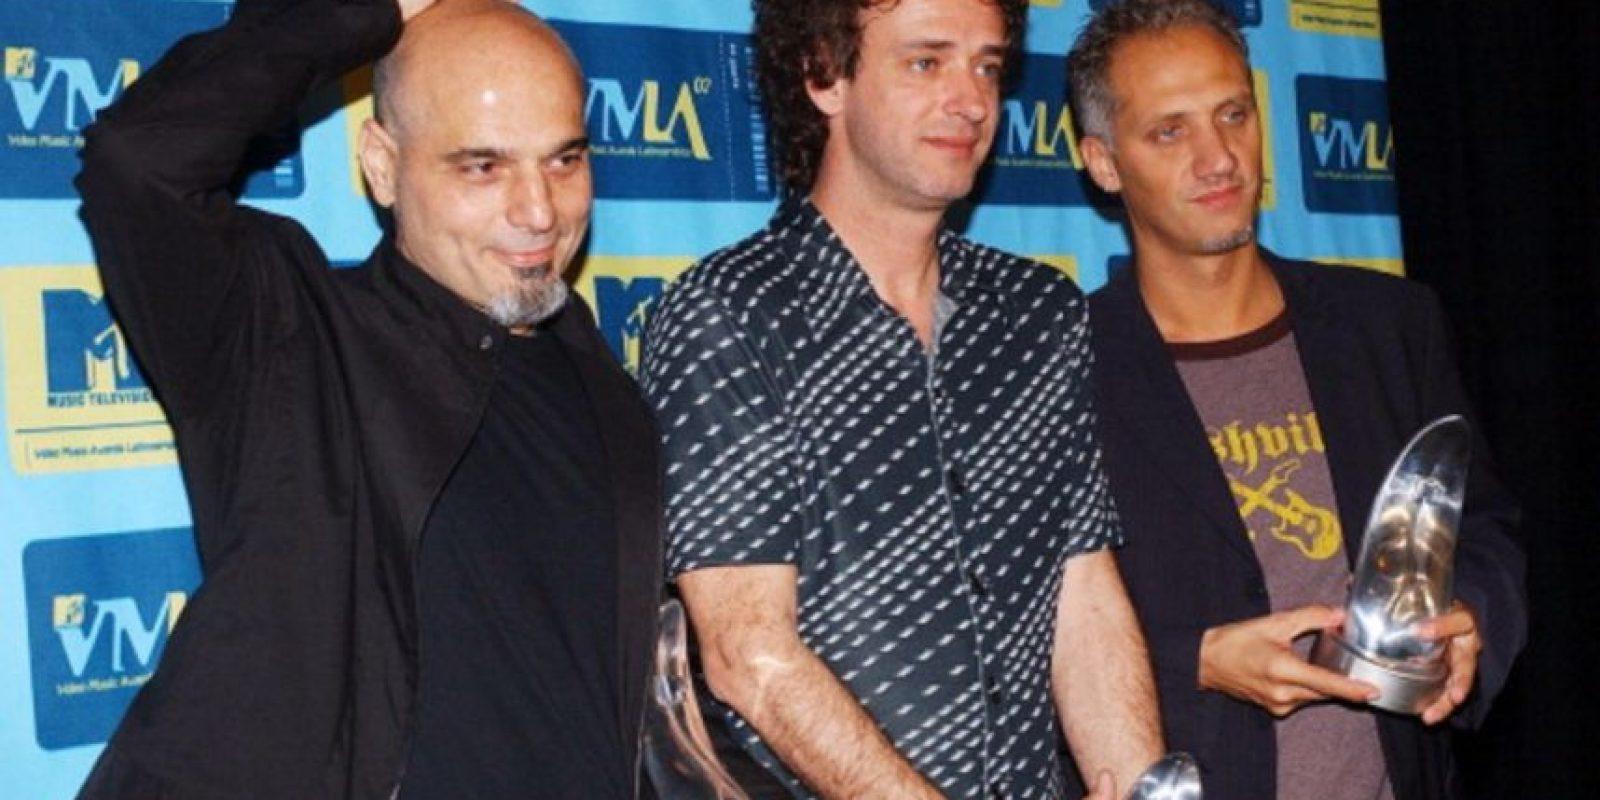 En 2002, antes de su gira de reencuentro. Foto:Getty Images